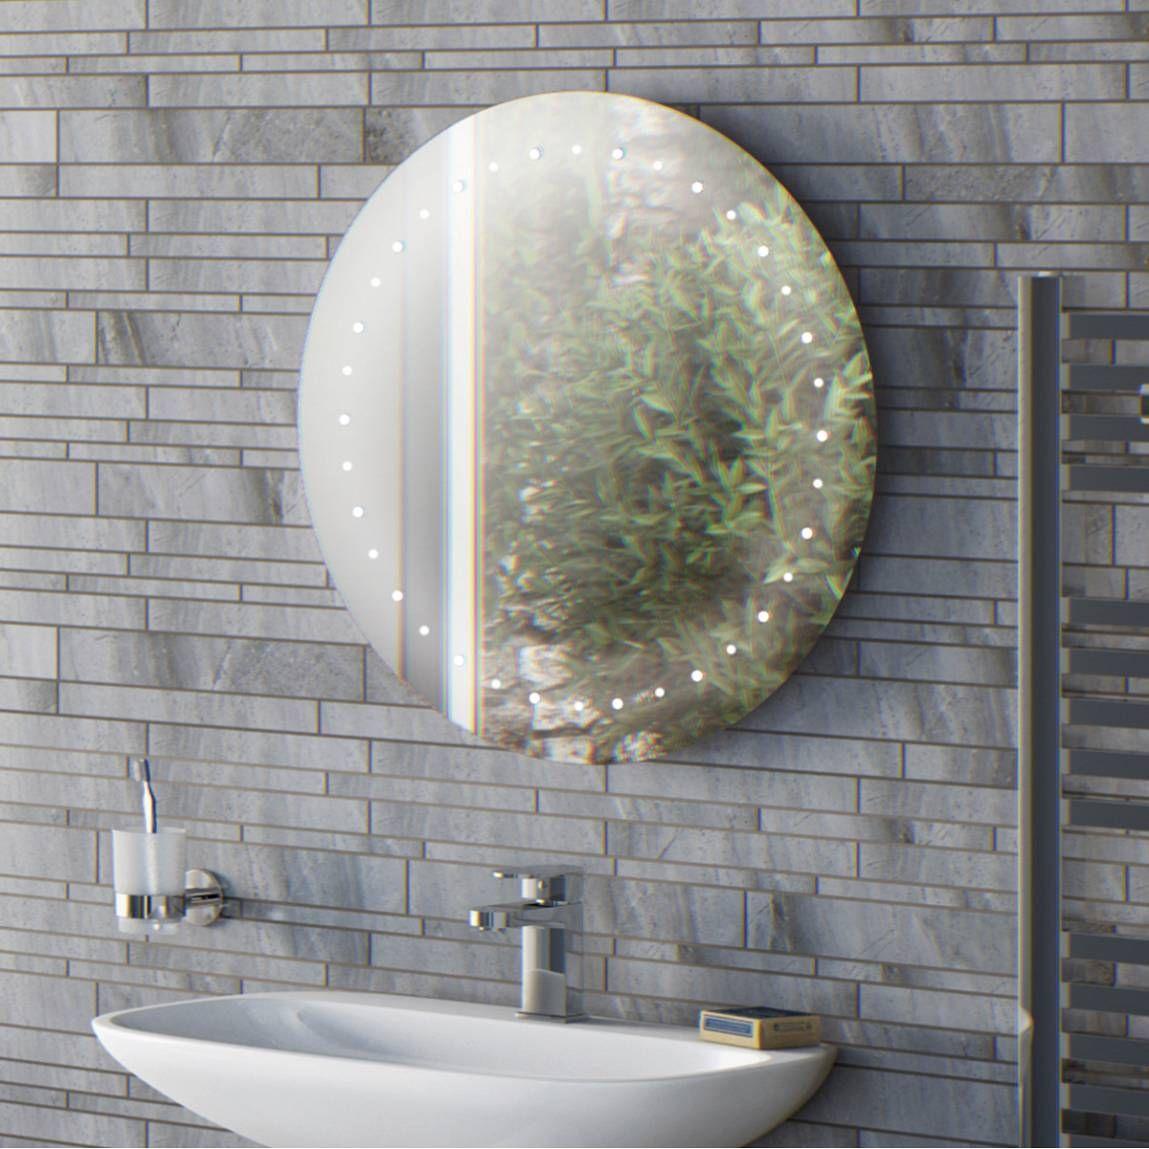 Aries Led Round Mirror Round Mirror Bathroom Mirror Led Mirror Bathroom